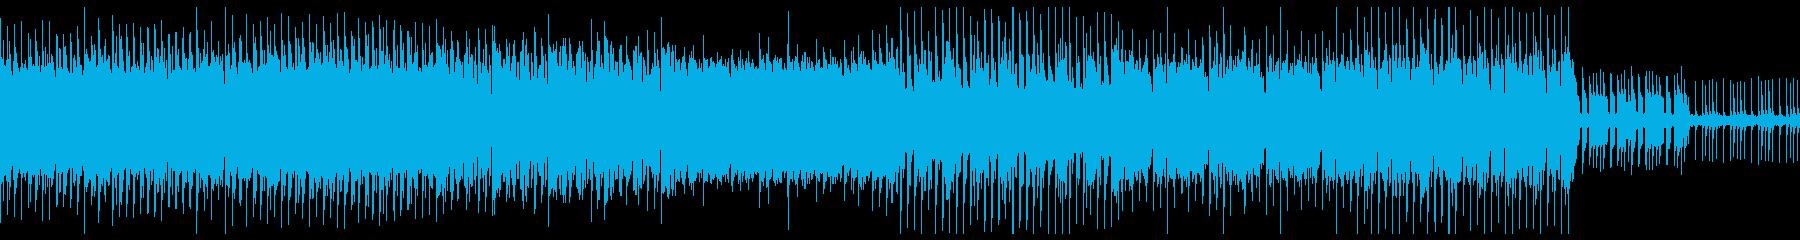 ノリのいいクラブ風ミュージックの再生済みの波形